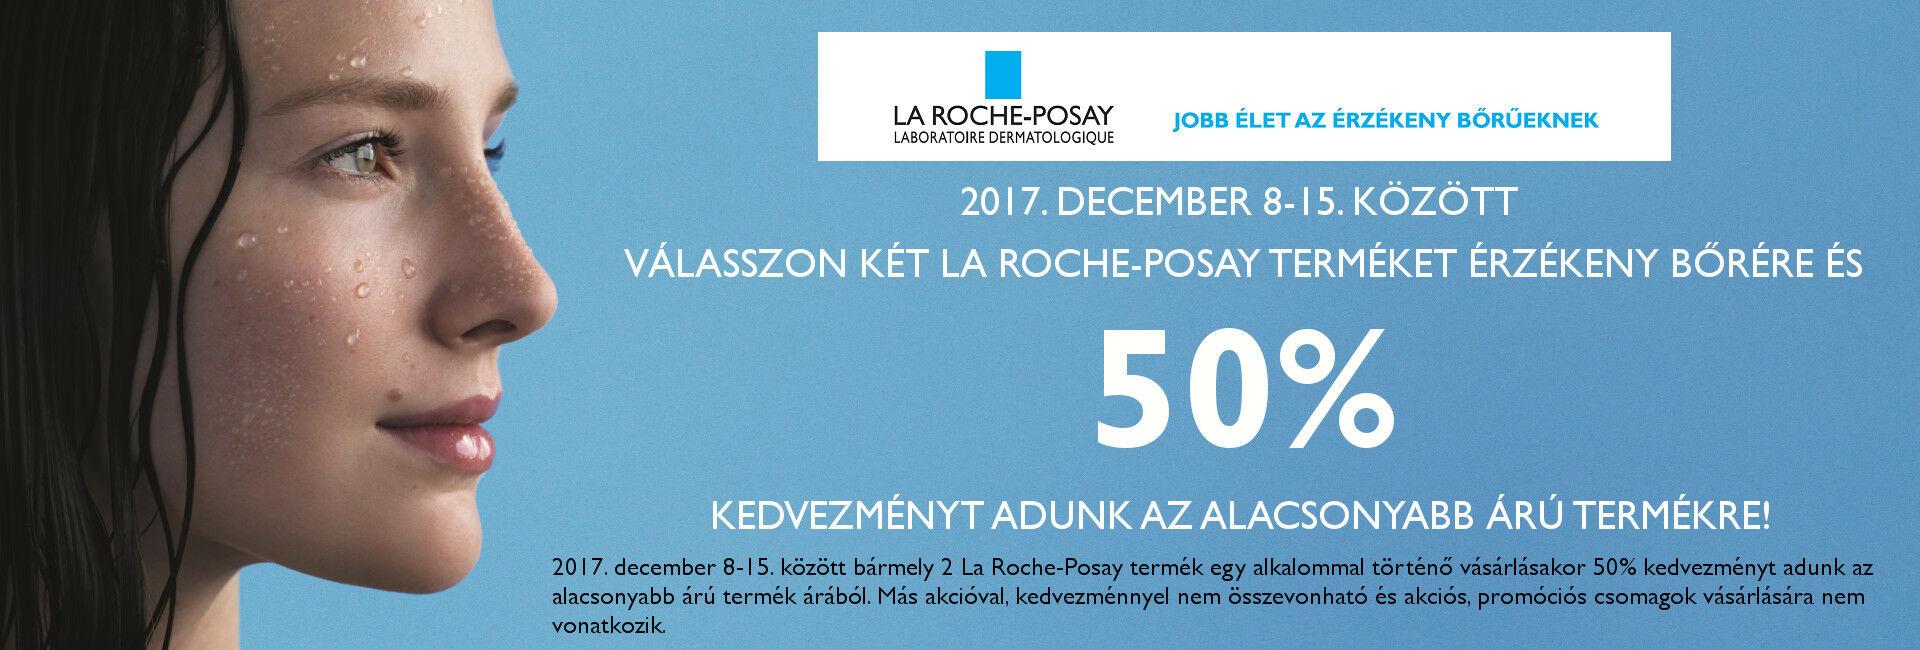 A 2. La Roche-Posay terméket 50% kedvezménnyel adjuk 2017. december 8-15. között!